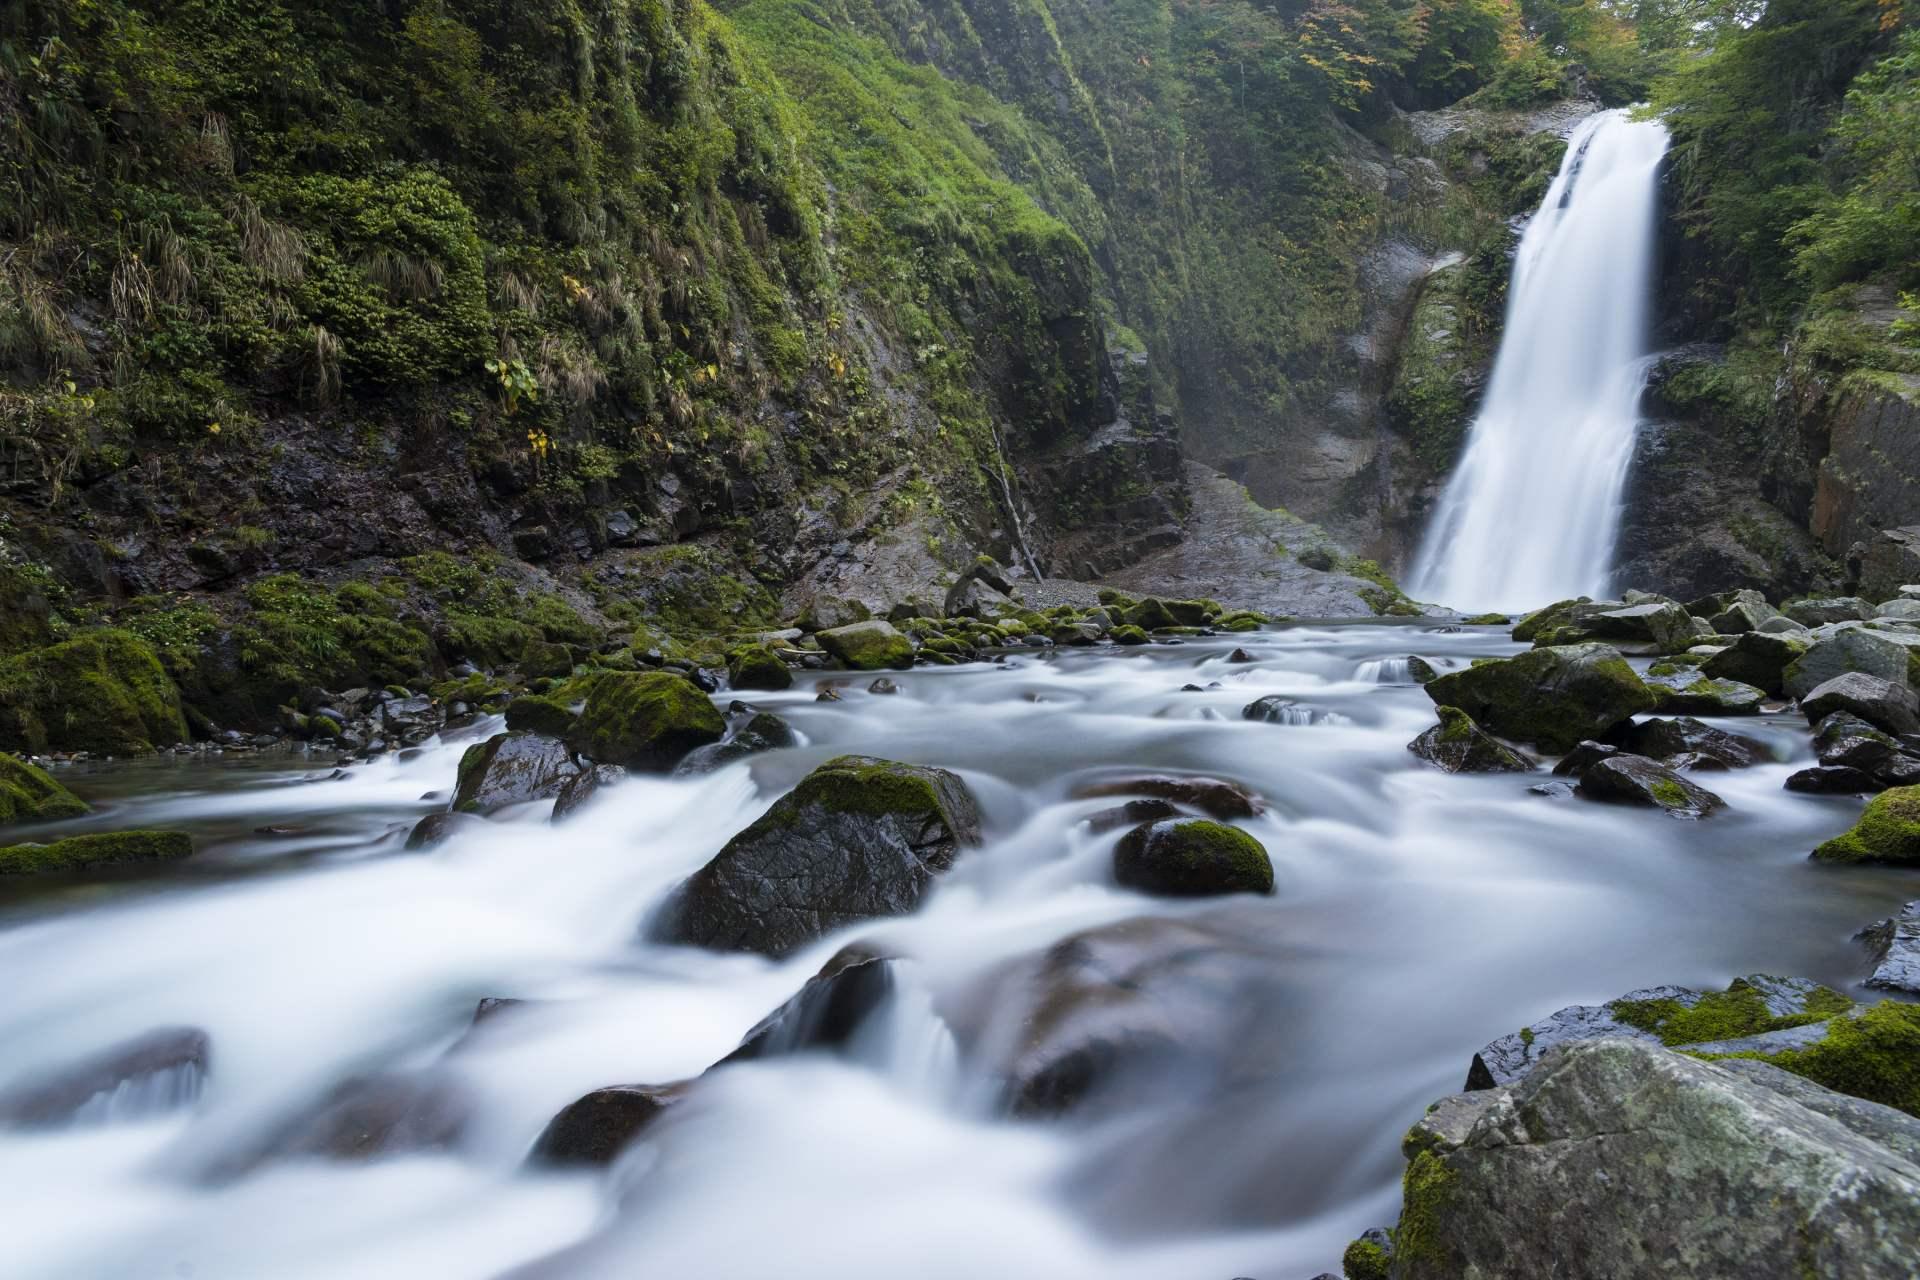 可以欣賞秋保大瀑布等自然景觀的宮城縣